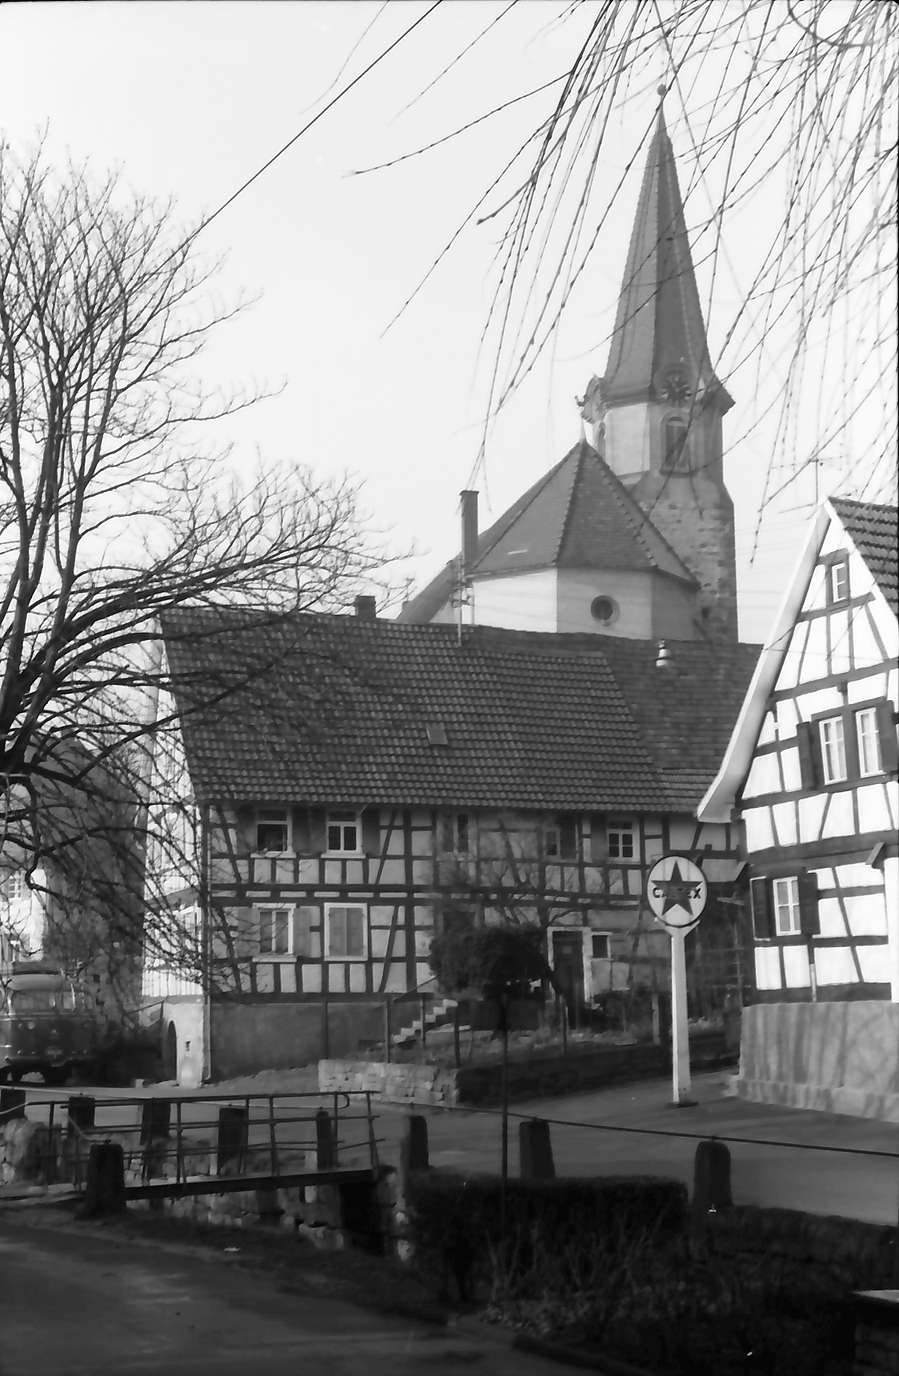 Michelbach: Fachwerkhäuser mit Kirche, Bild 1